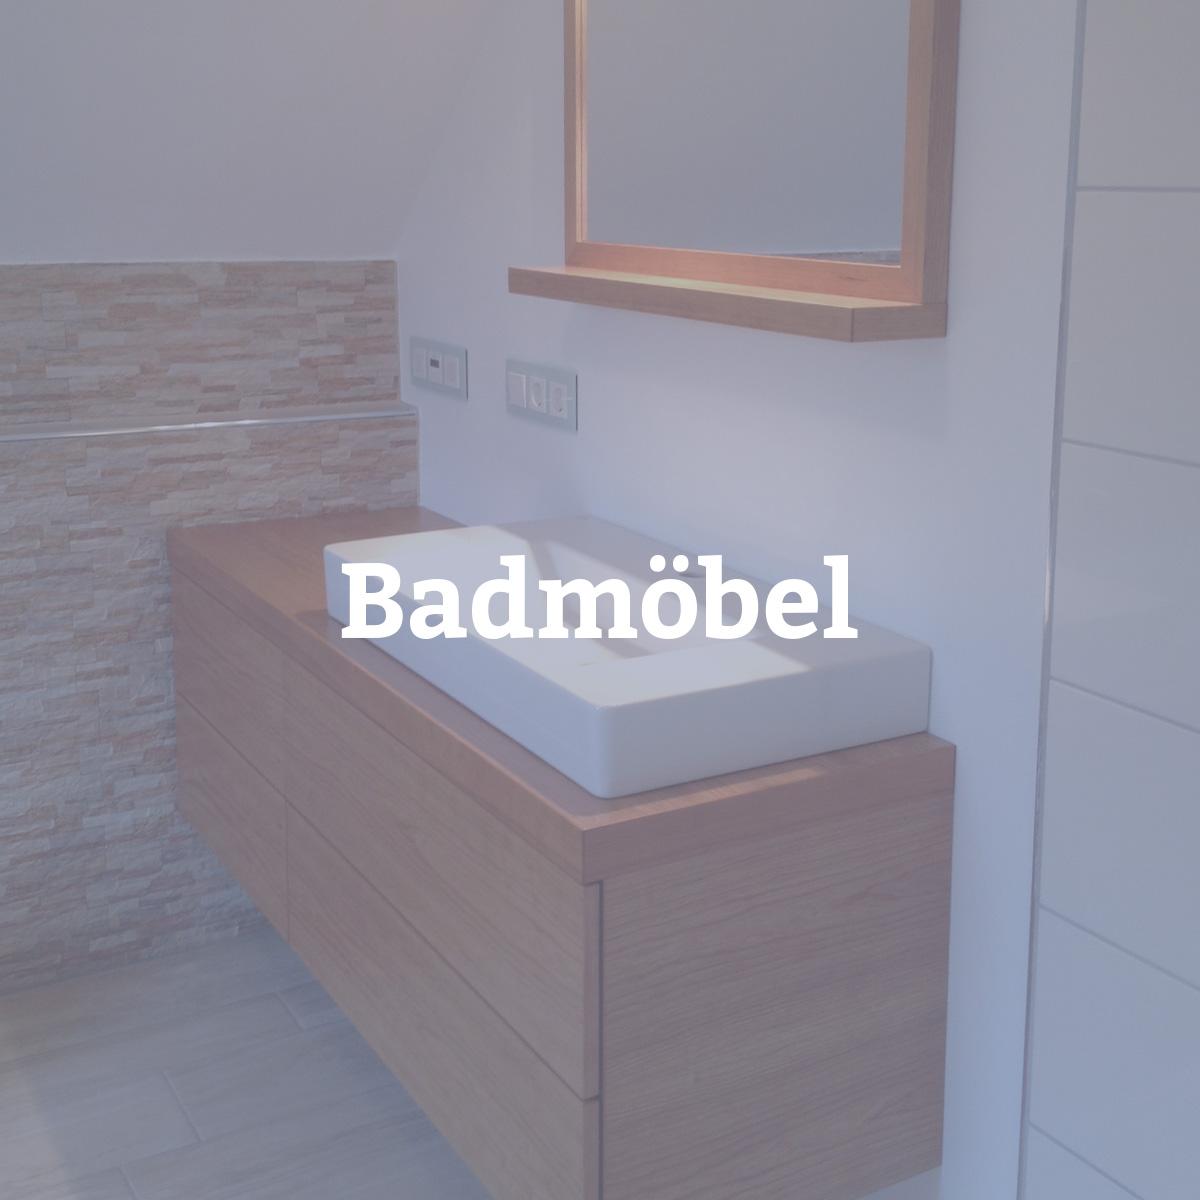 schreinerei_oliver_engelmann_ratingen_moebel_holz_bad_badmoebel_teaser